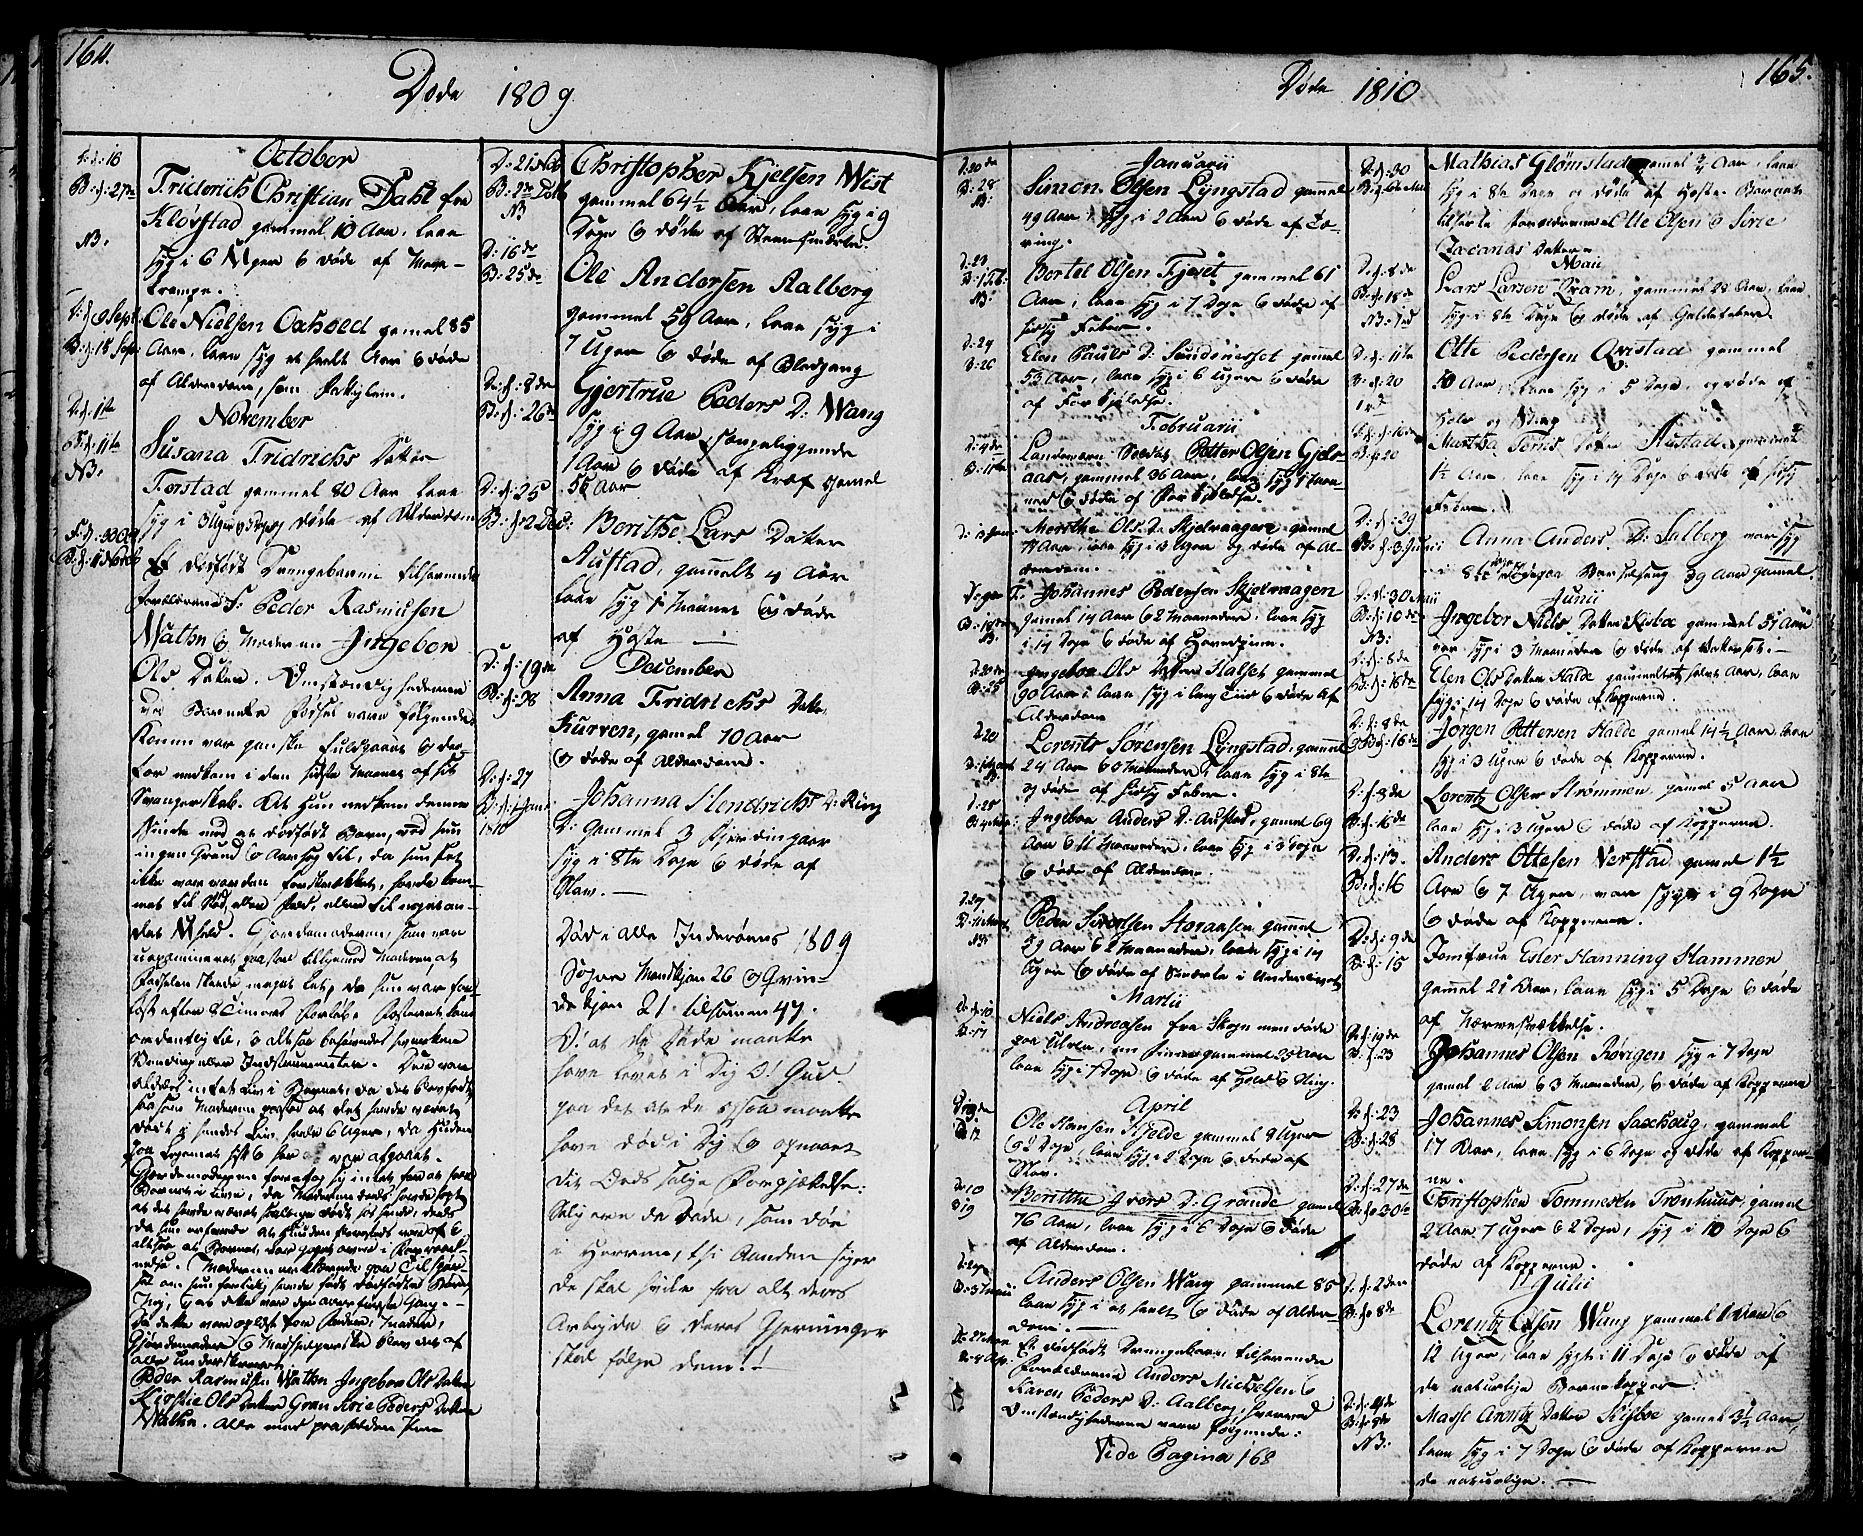 SAT, Ministerialprotokoller, klokkerbøker og fødselsregistre - Nord-Trøndelag, 730/L0274: Ministerialbok nr. 730A03, 1802-1816, s. 164-165